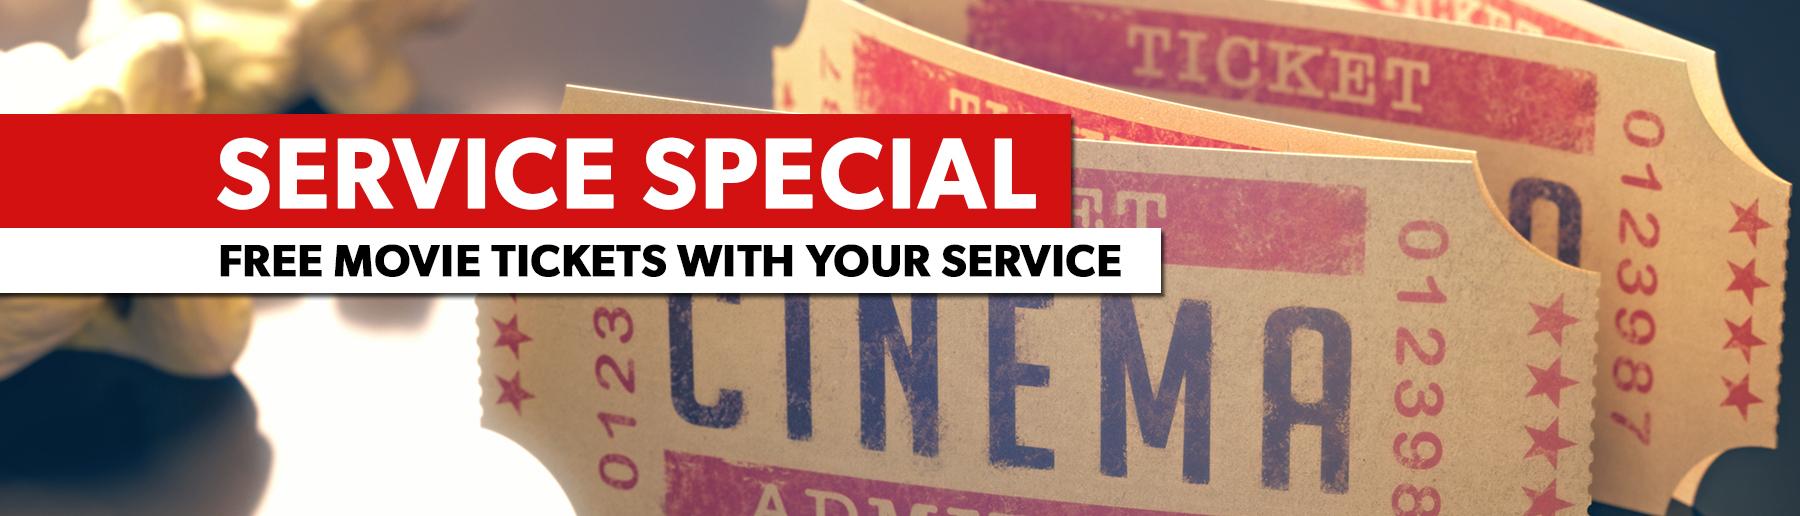 Brisbane Hyundai Service Special Logbook Service